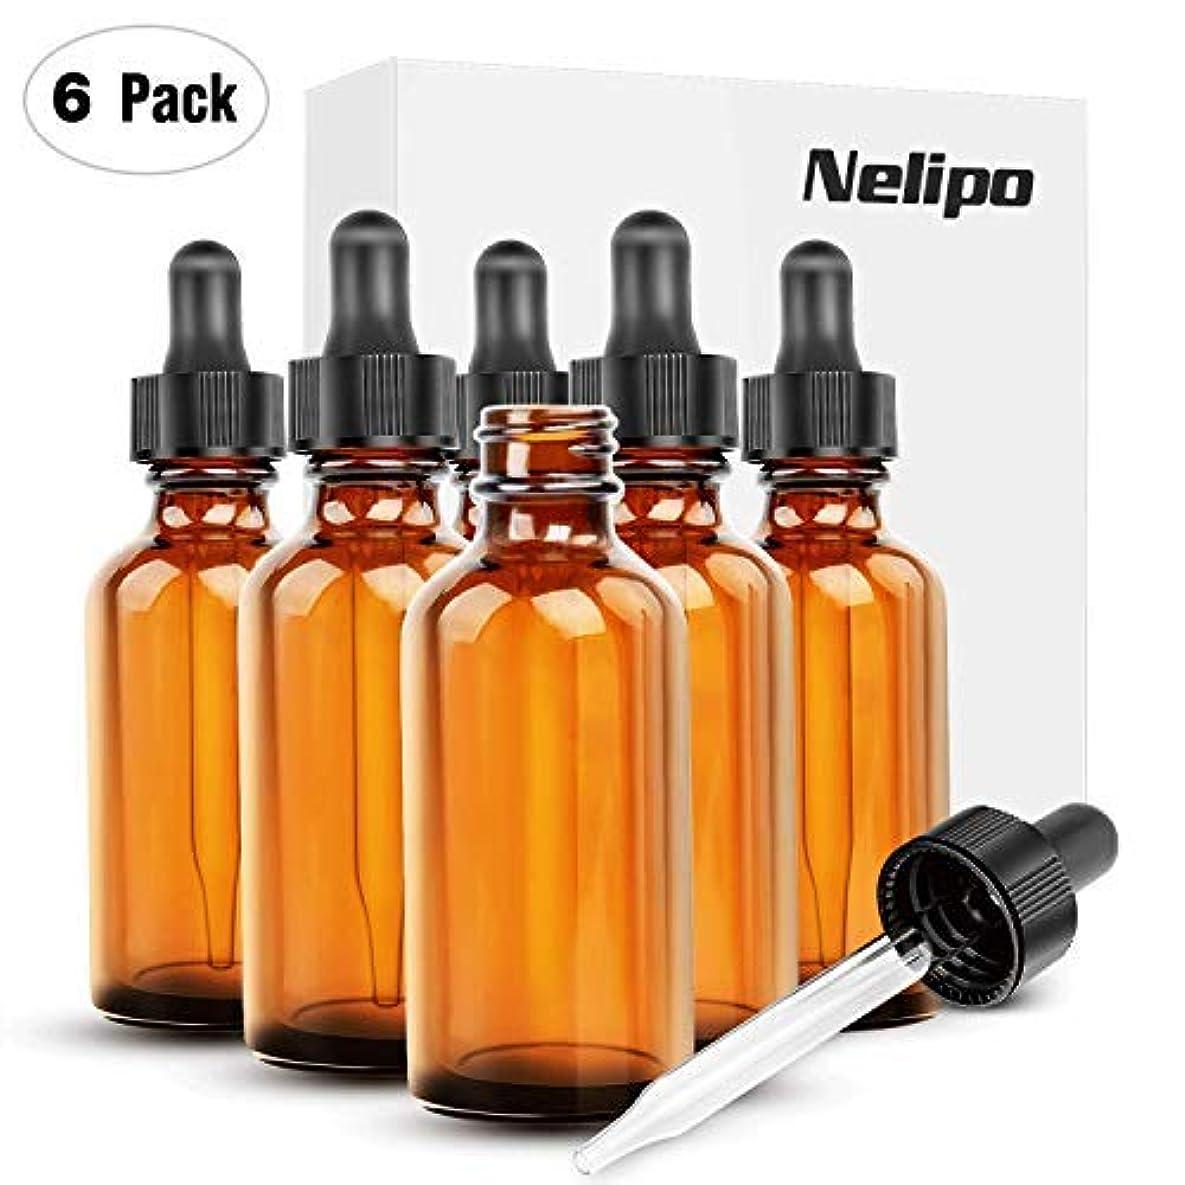 道事務所観光に行くNelipo 2oz Amber Glass Bottles for Essential Oils with Glass Eye Dropper - Pack of 6 [並行輸入品]